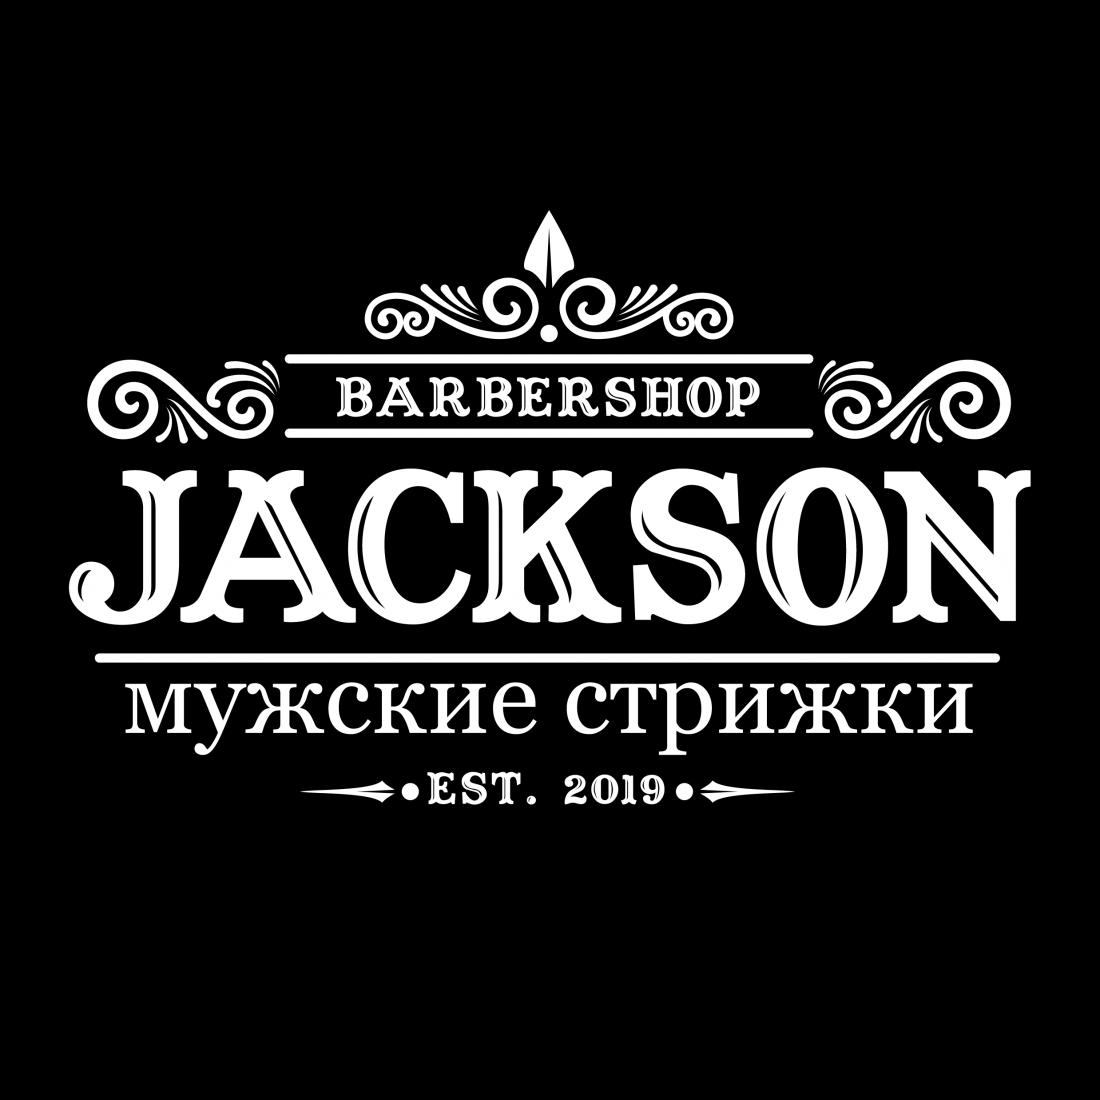 """Мужская стрижка за 15 руб, детская стрижка, моделирование бороды, бритье от 10 руб. в барбершопе """"Jackson"""""""